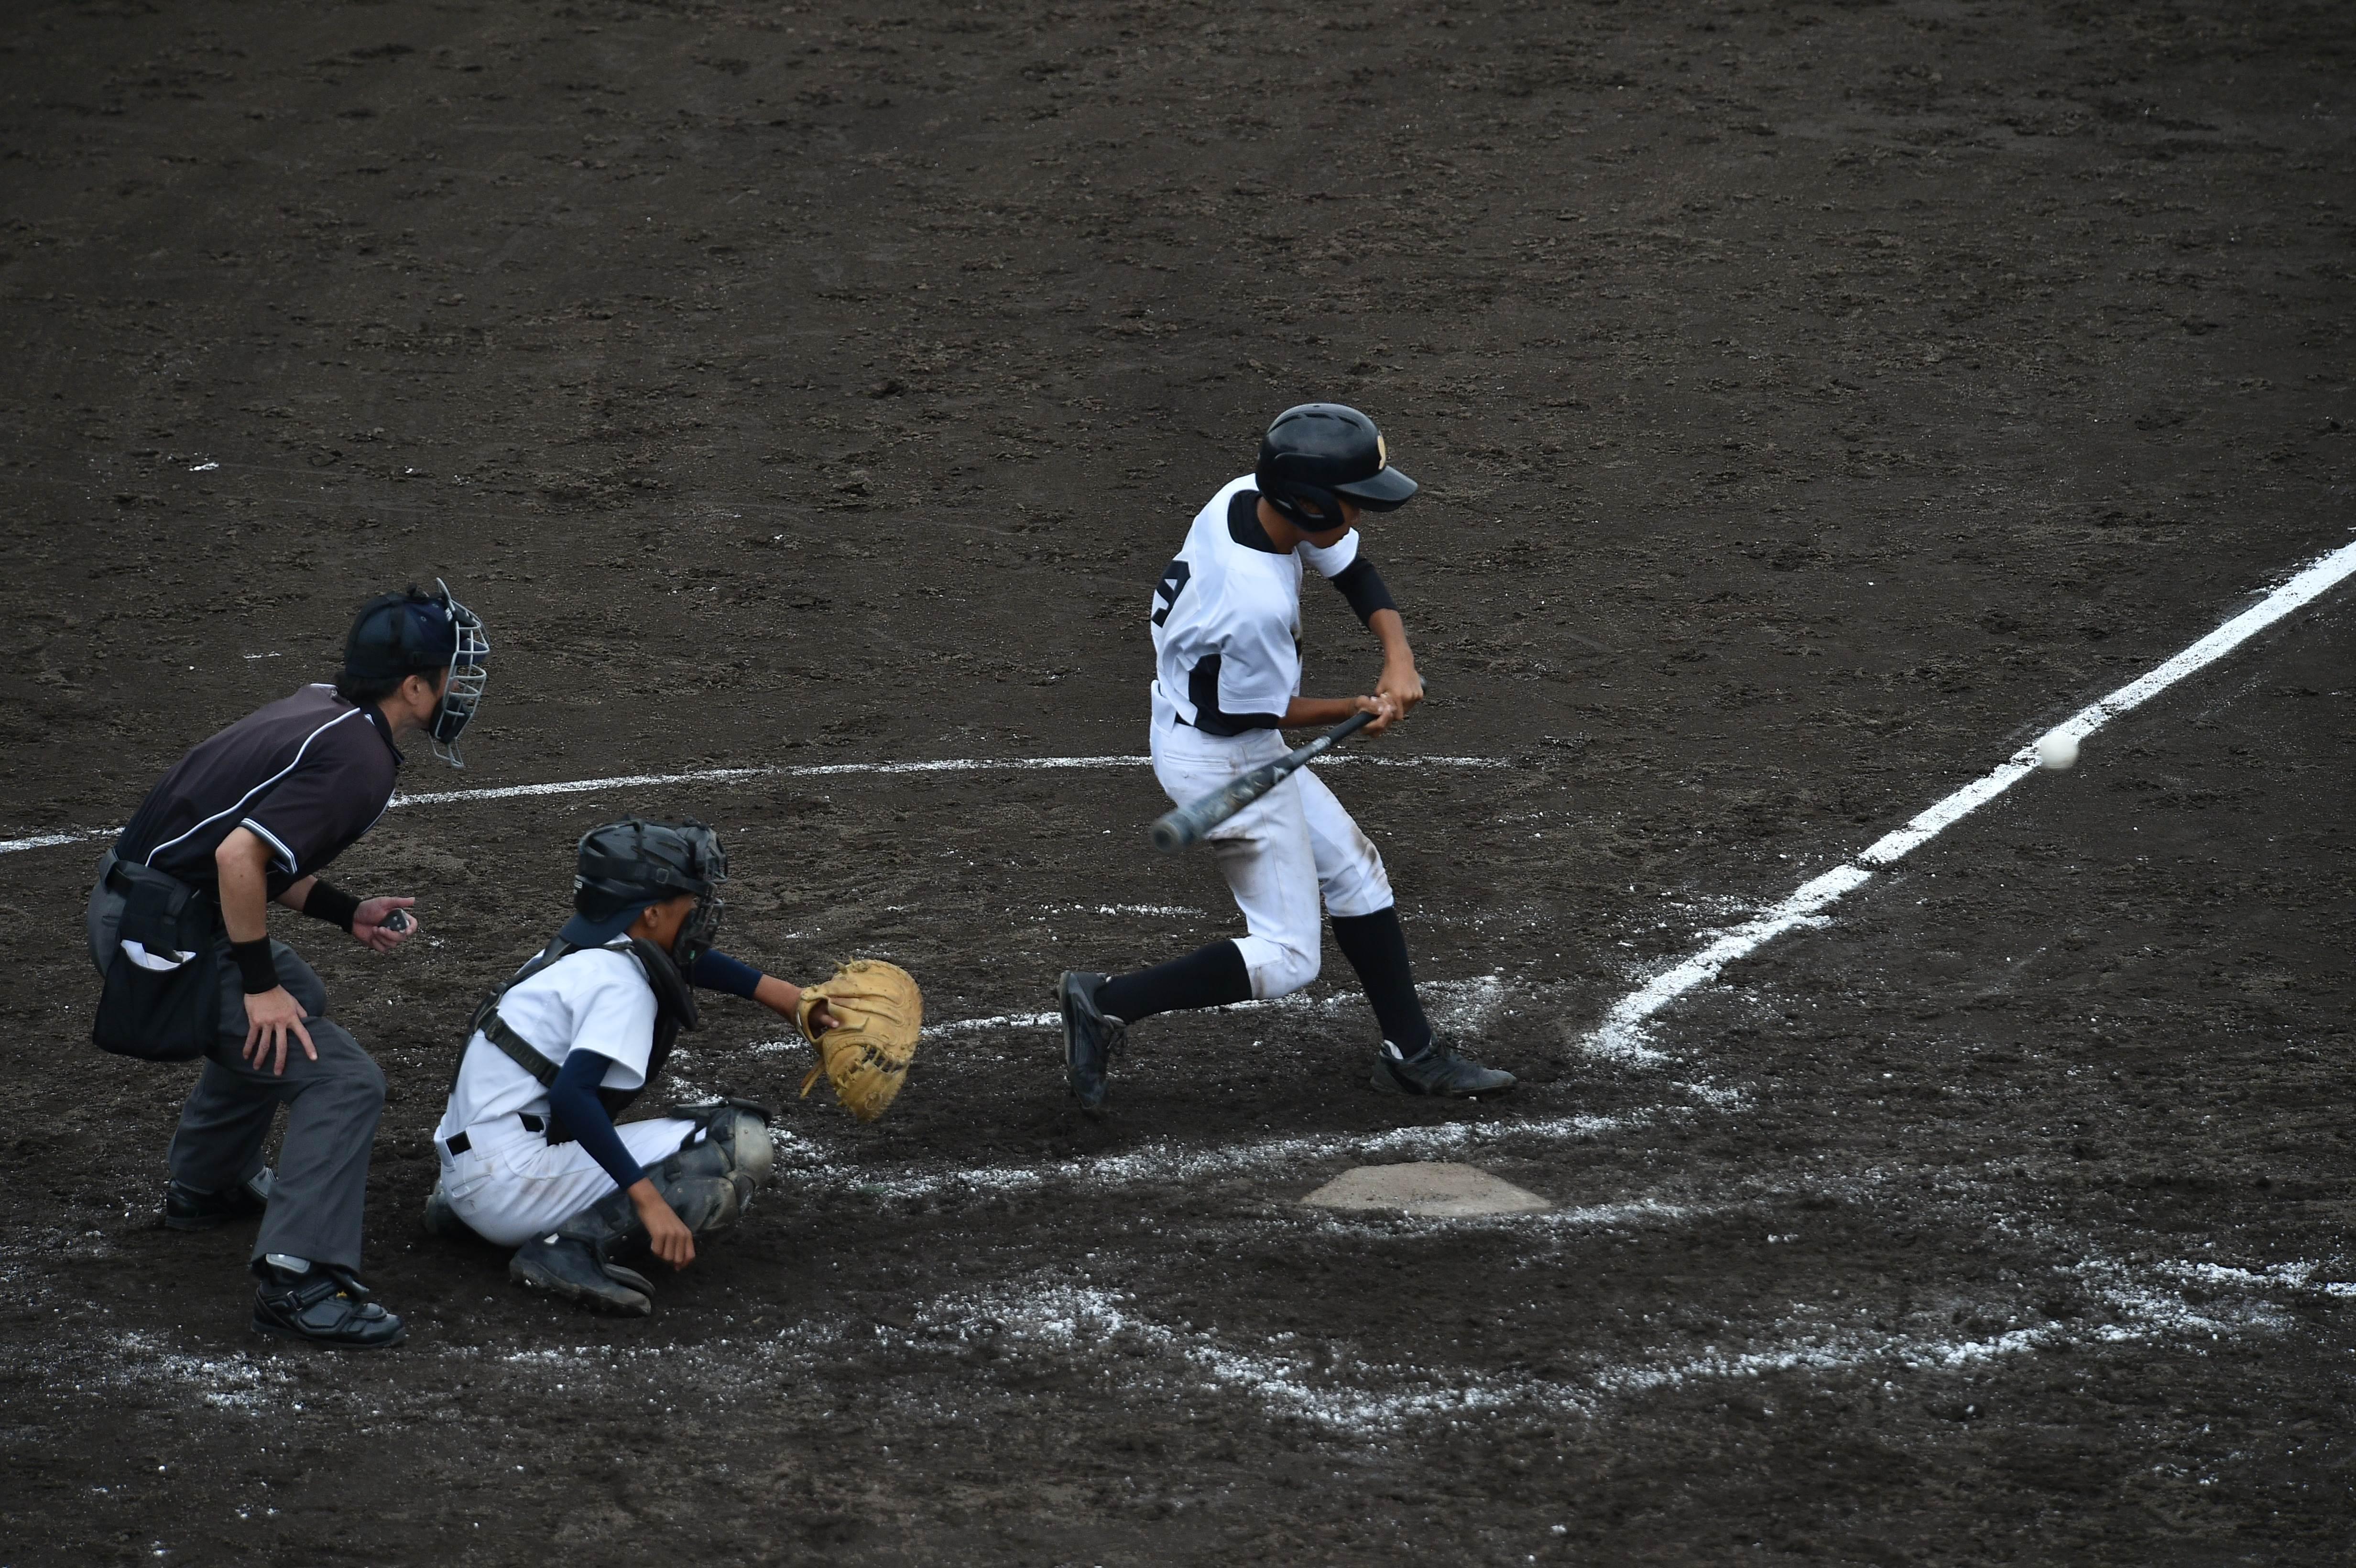 軟式野球 (369)